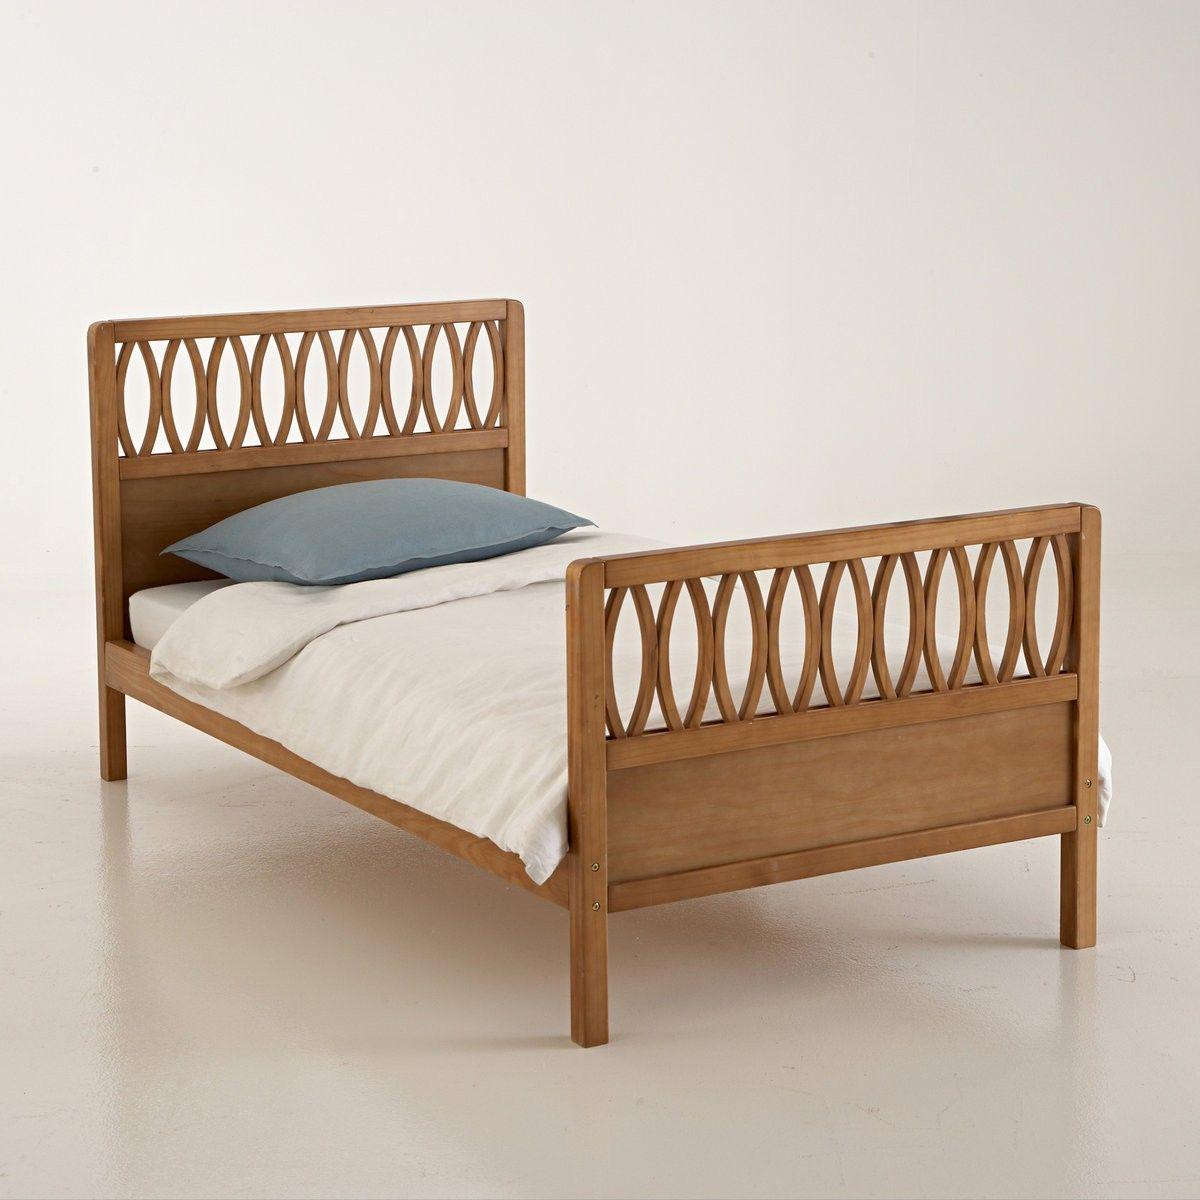 description du lit vintage malu pour couchage dimension 90 x 190 cm tete et